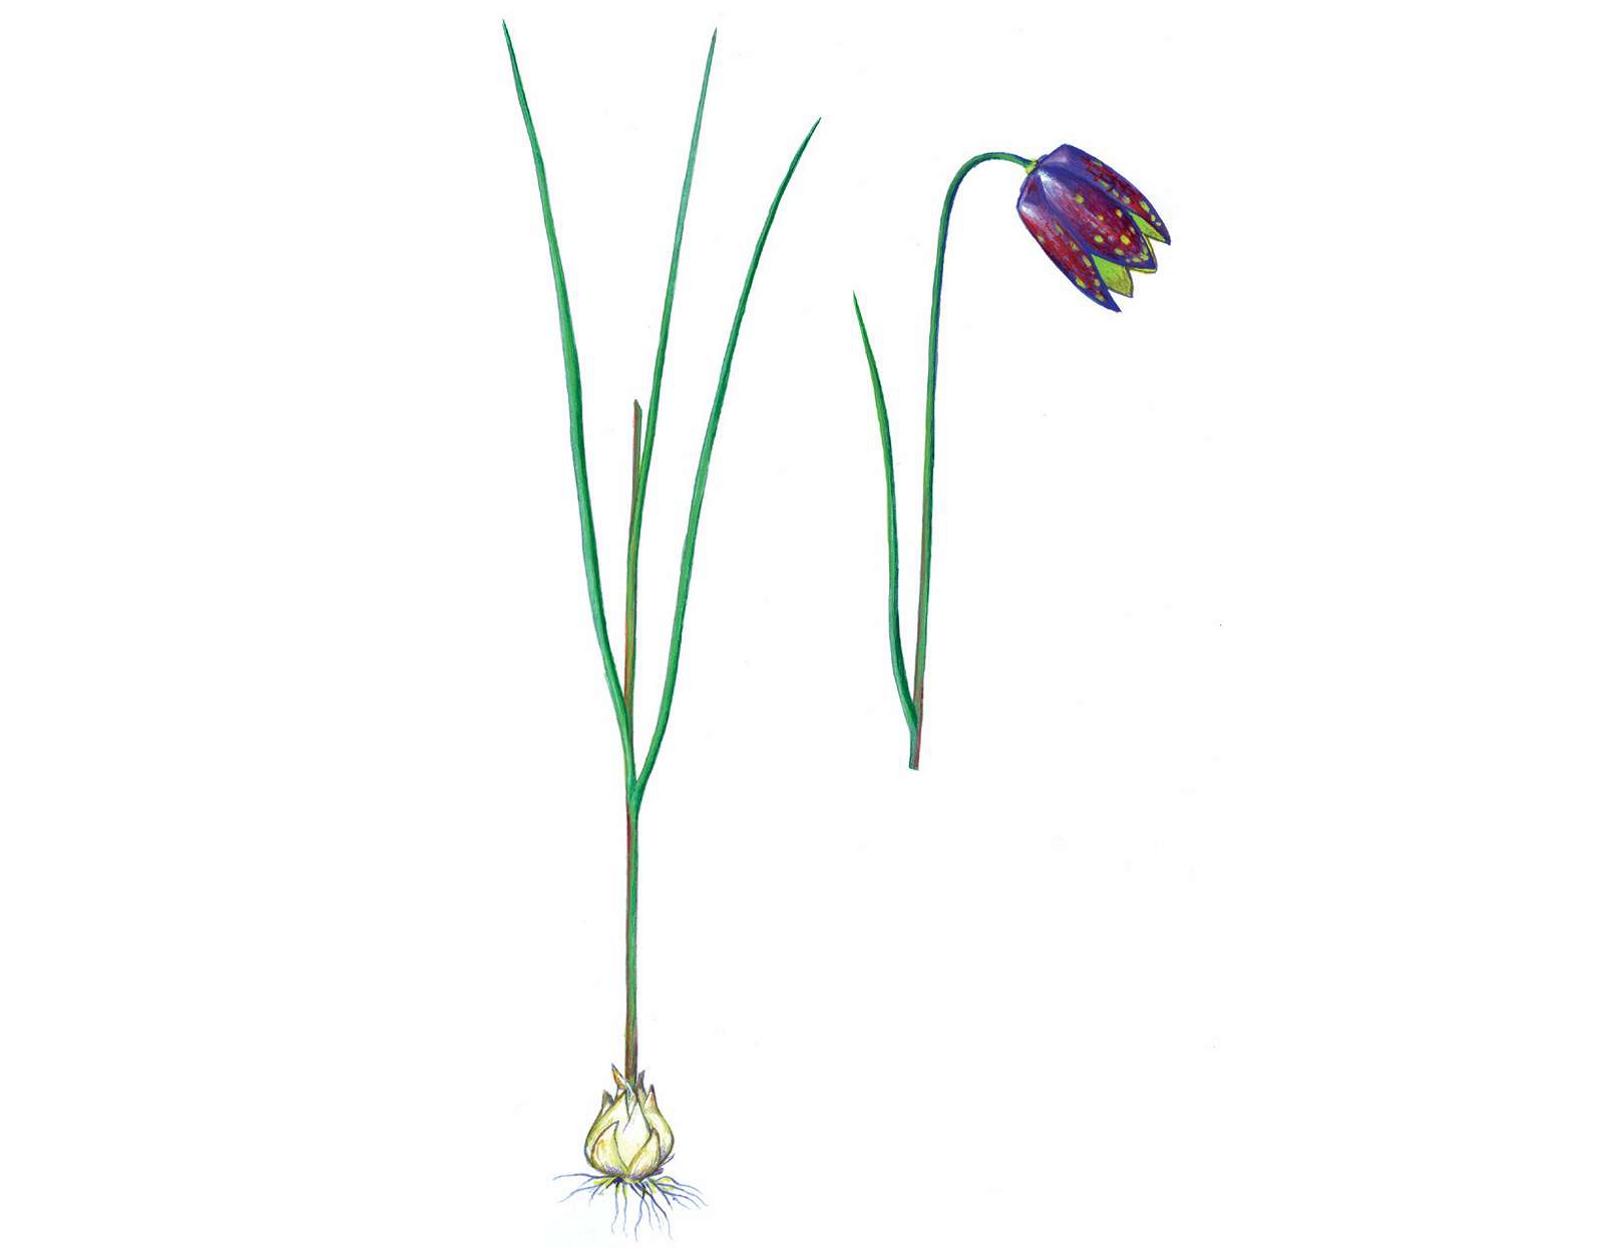 Граждан Омской области просят оберегать редкие первоцветы